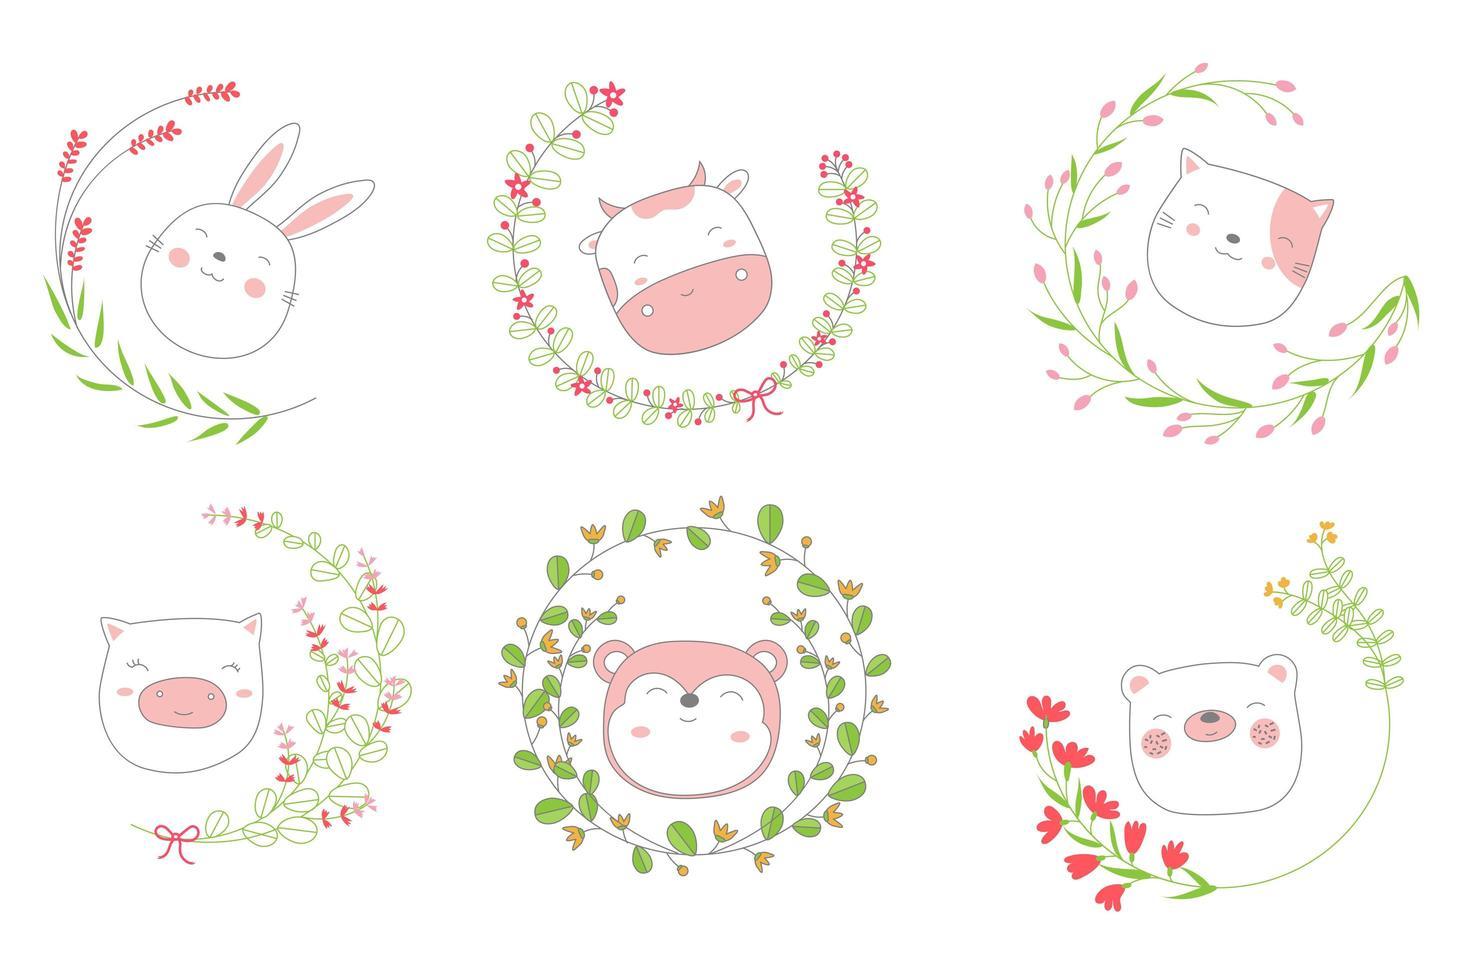 dessin animé, croquis, bébé, animaux, faces, dans, cadres floraux vecteur